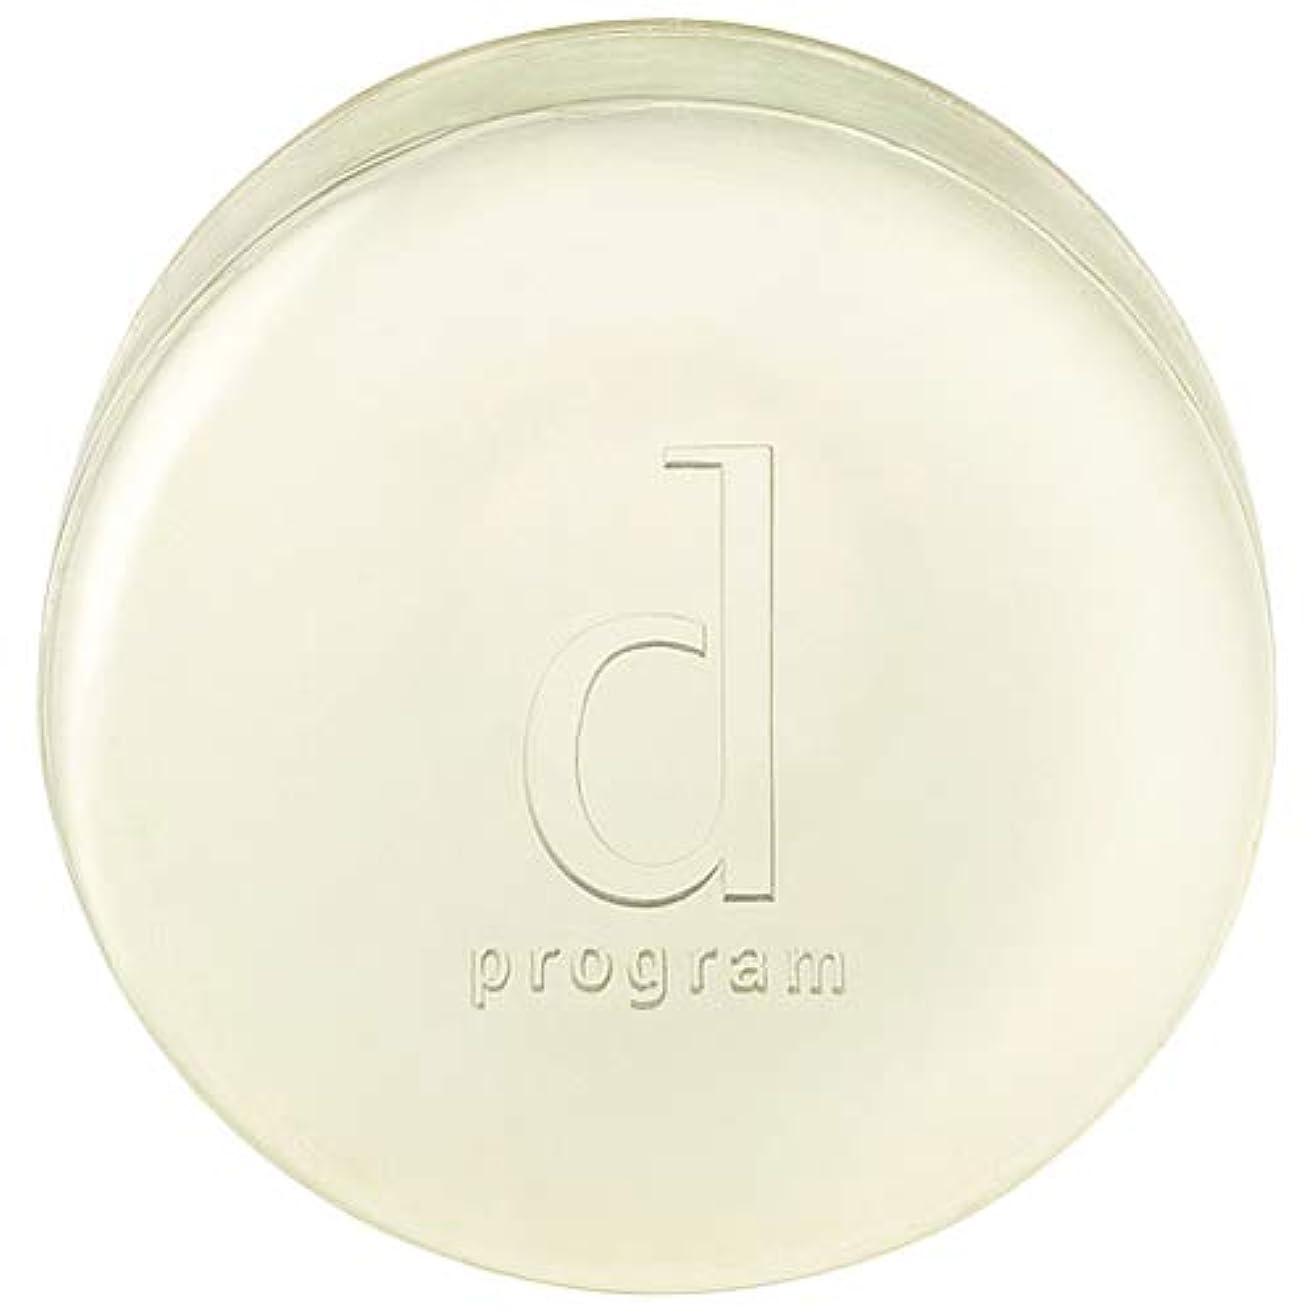 期待して食べる最初はd program 資生堂 コンディショニングソープ 100g [366202] [並行輸入品]